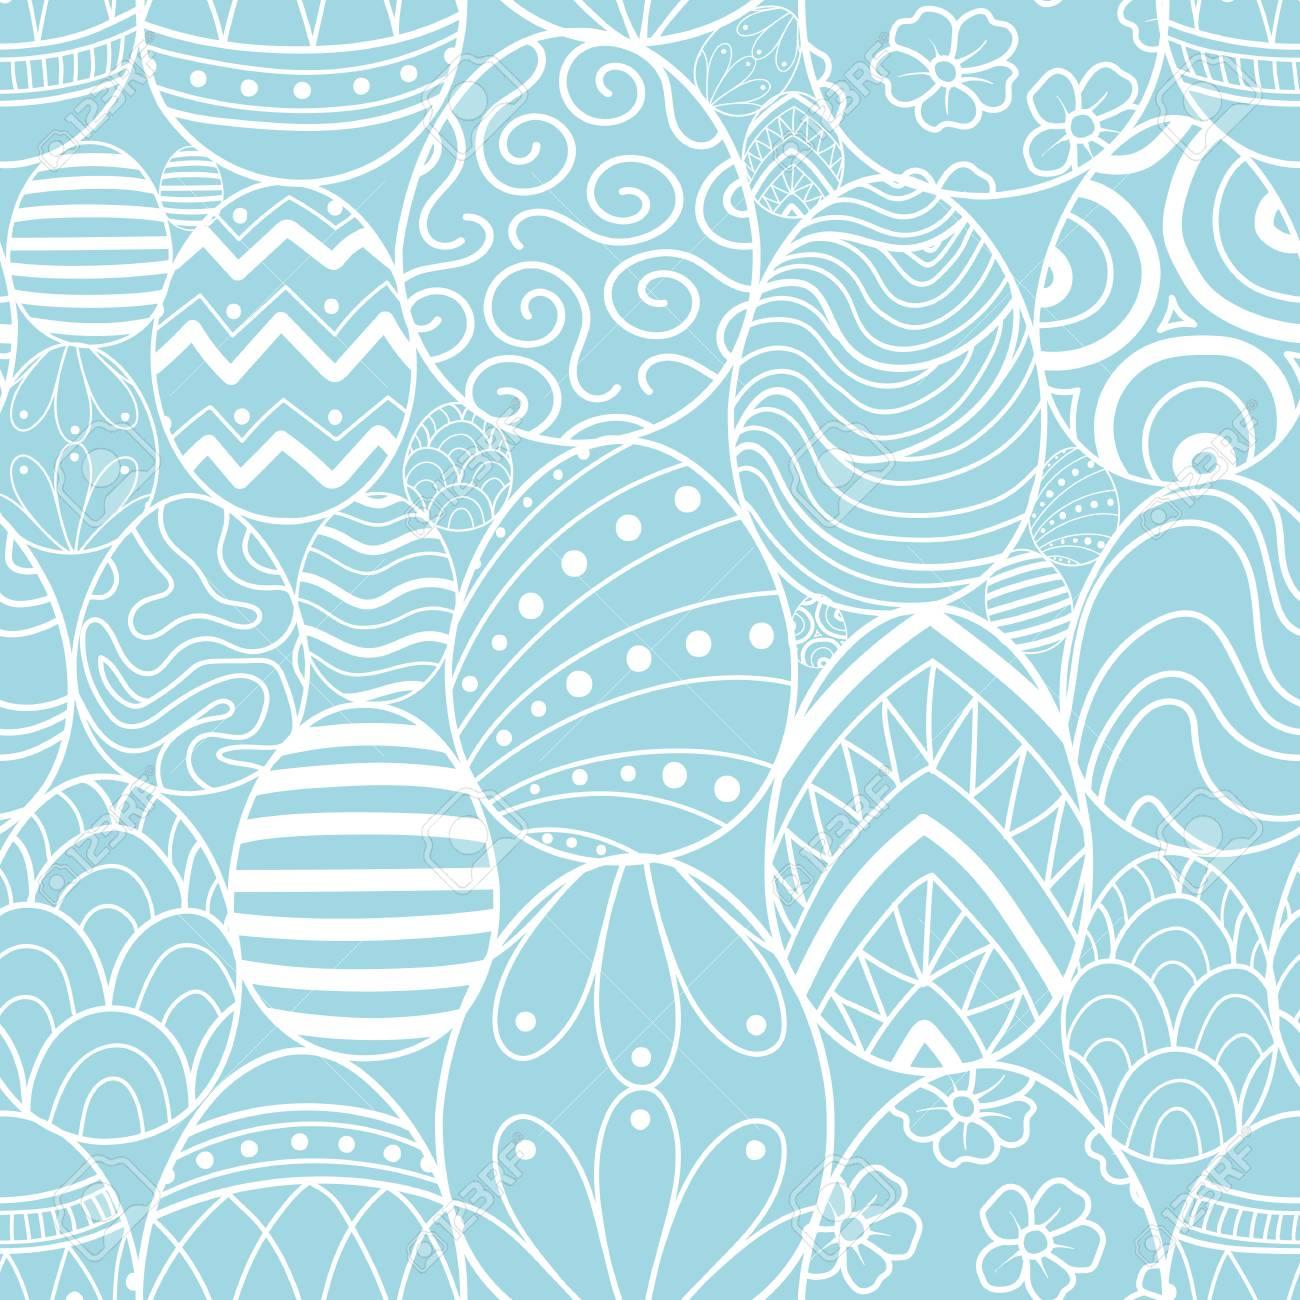 easter eggs in white outline random on blue background cute hand